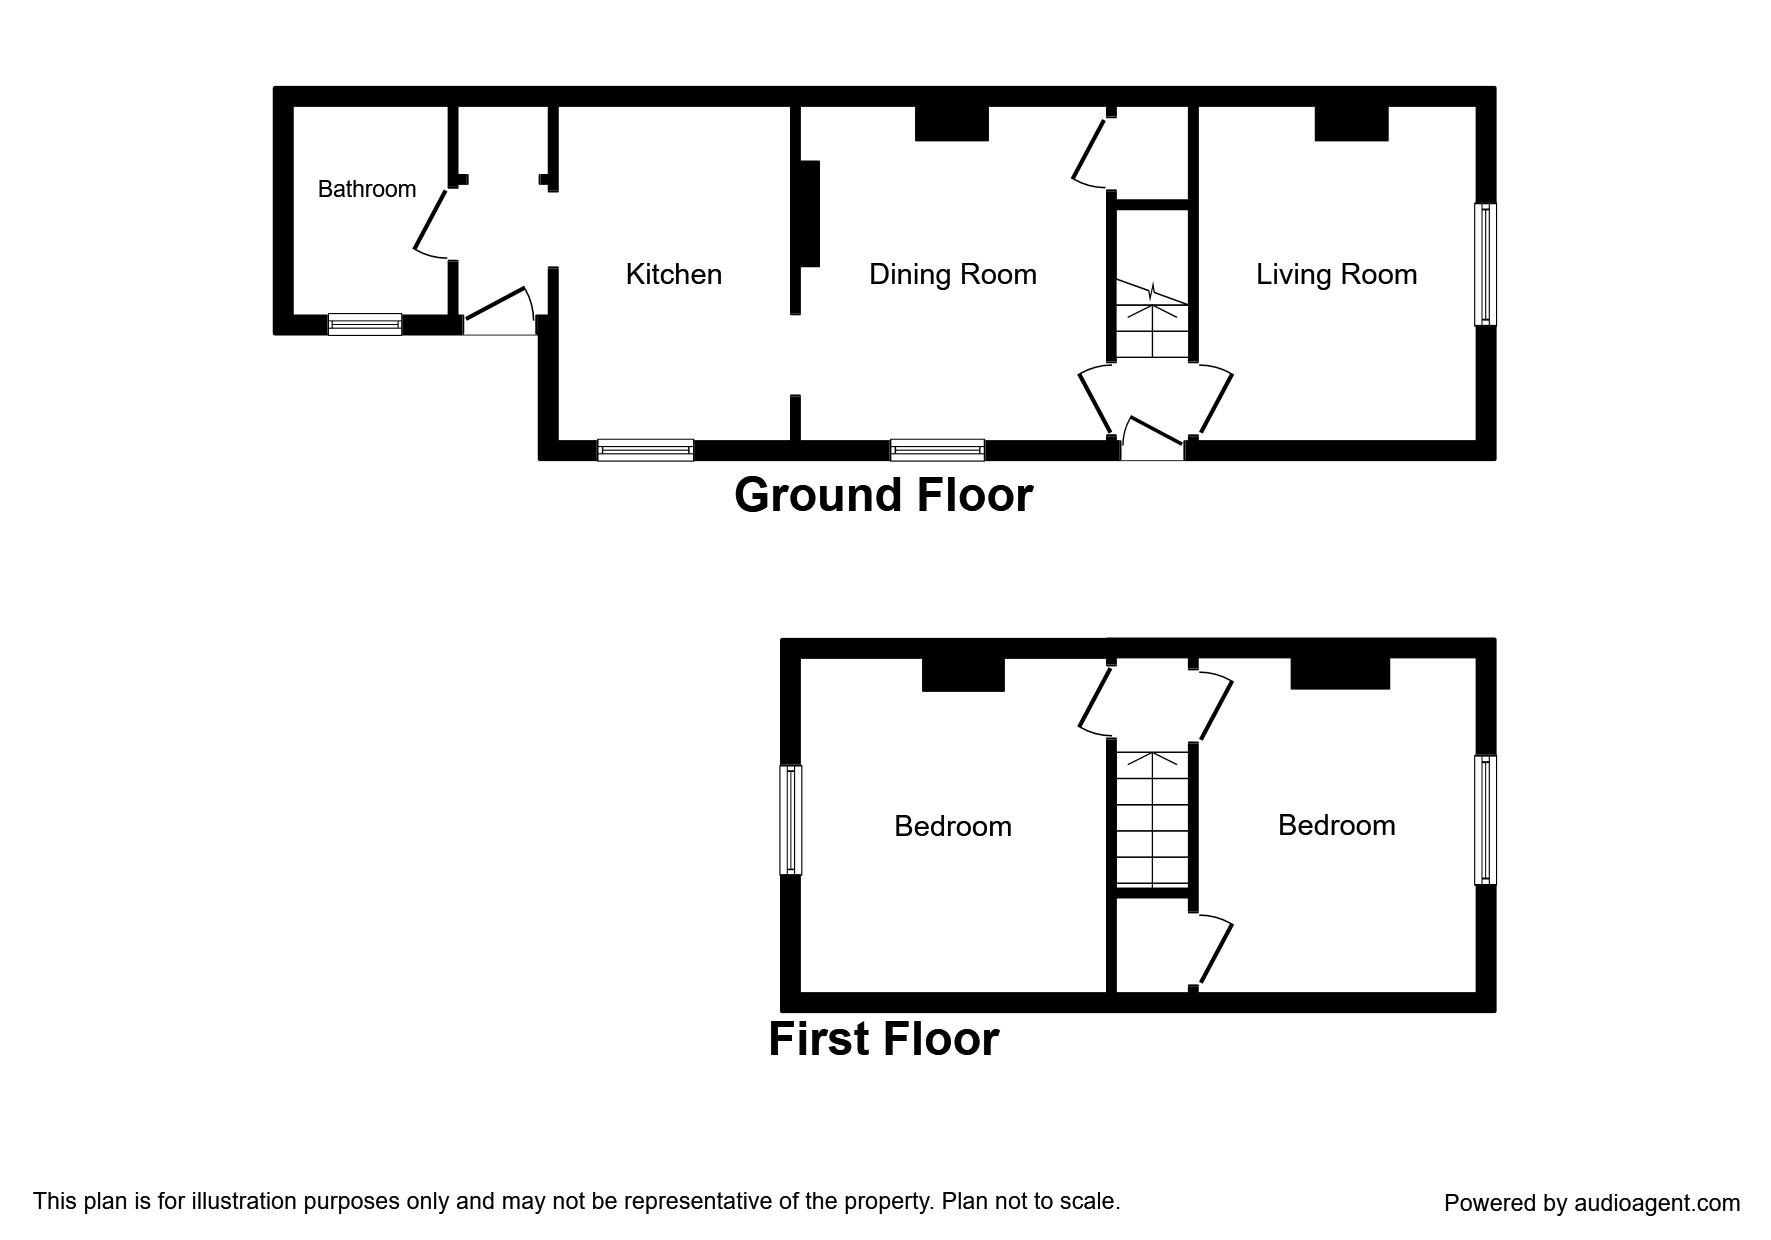 2 Bedrooms  to rent in Guildford Road, Lightwater GU18